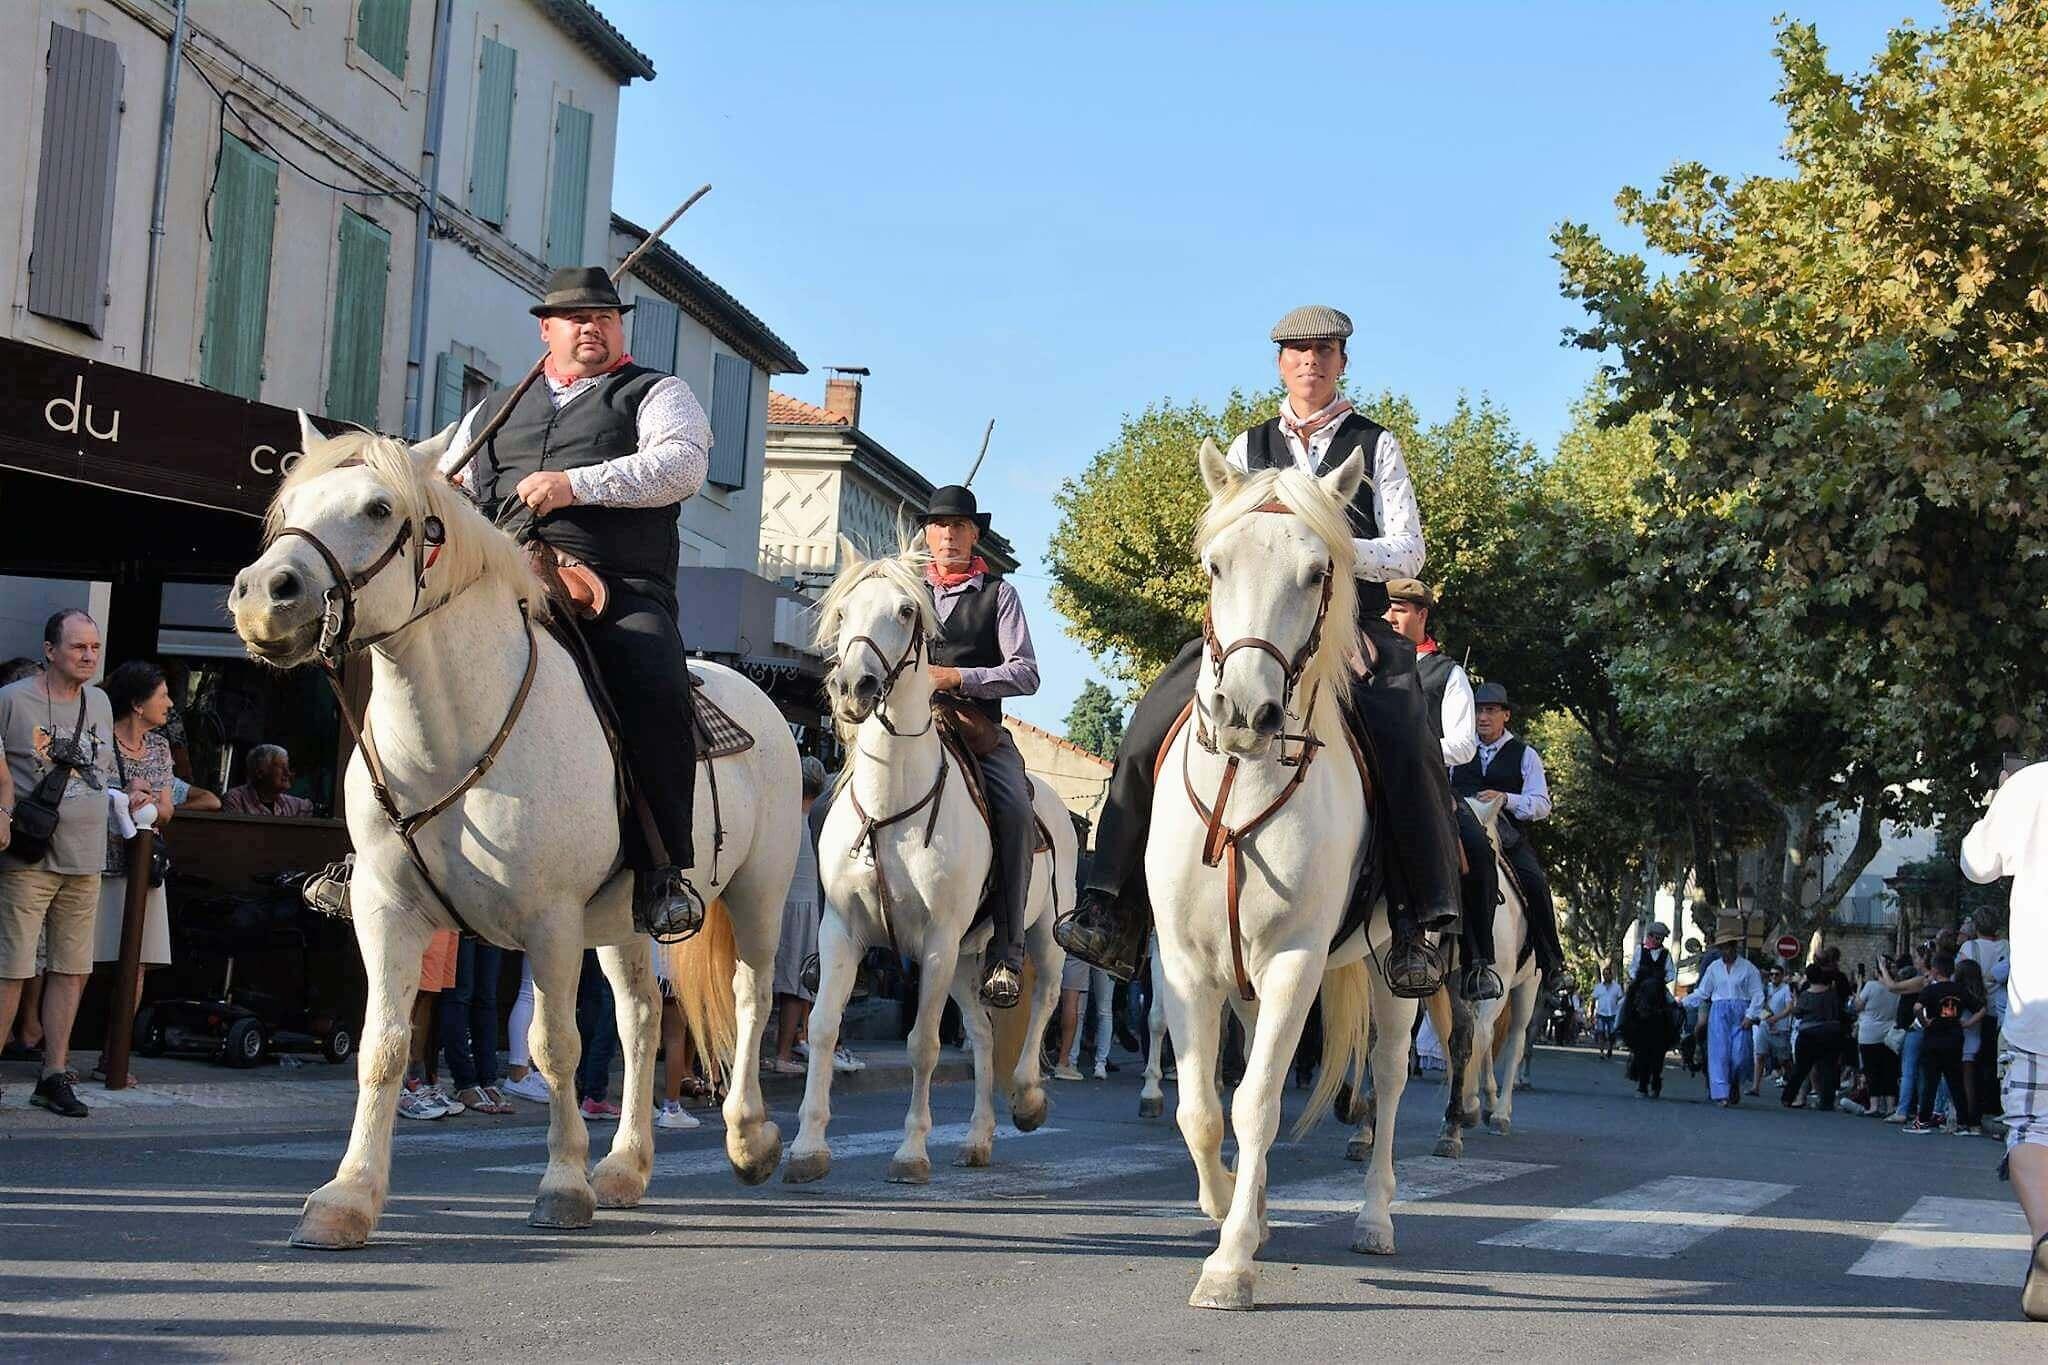 revivre des fêtes votives saint rémy de provence